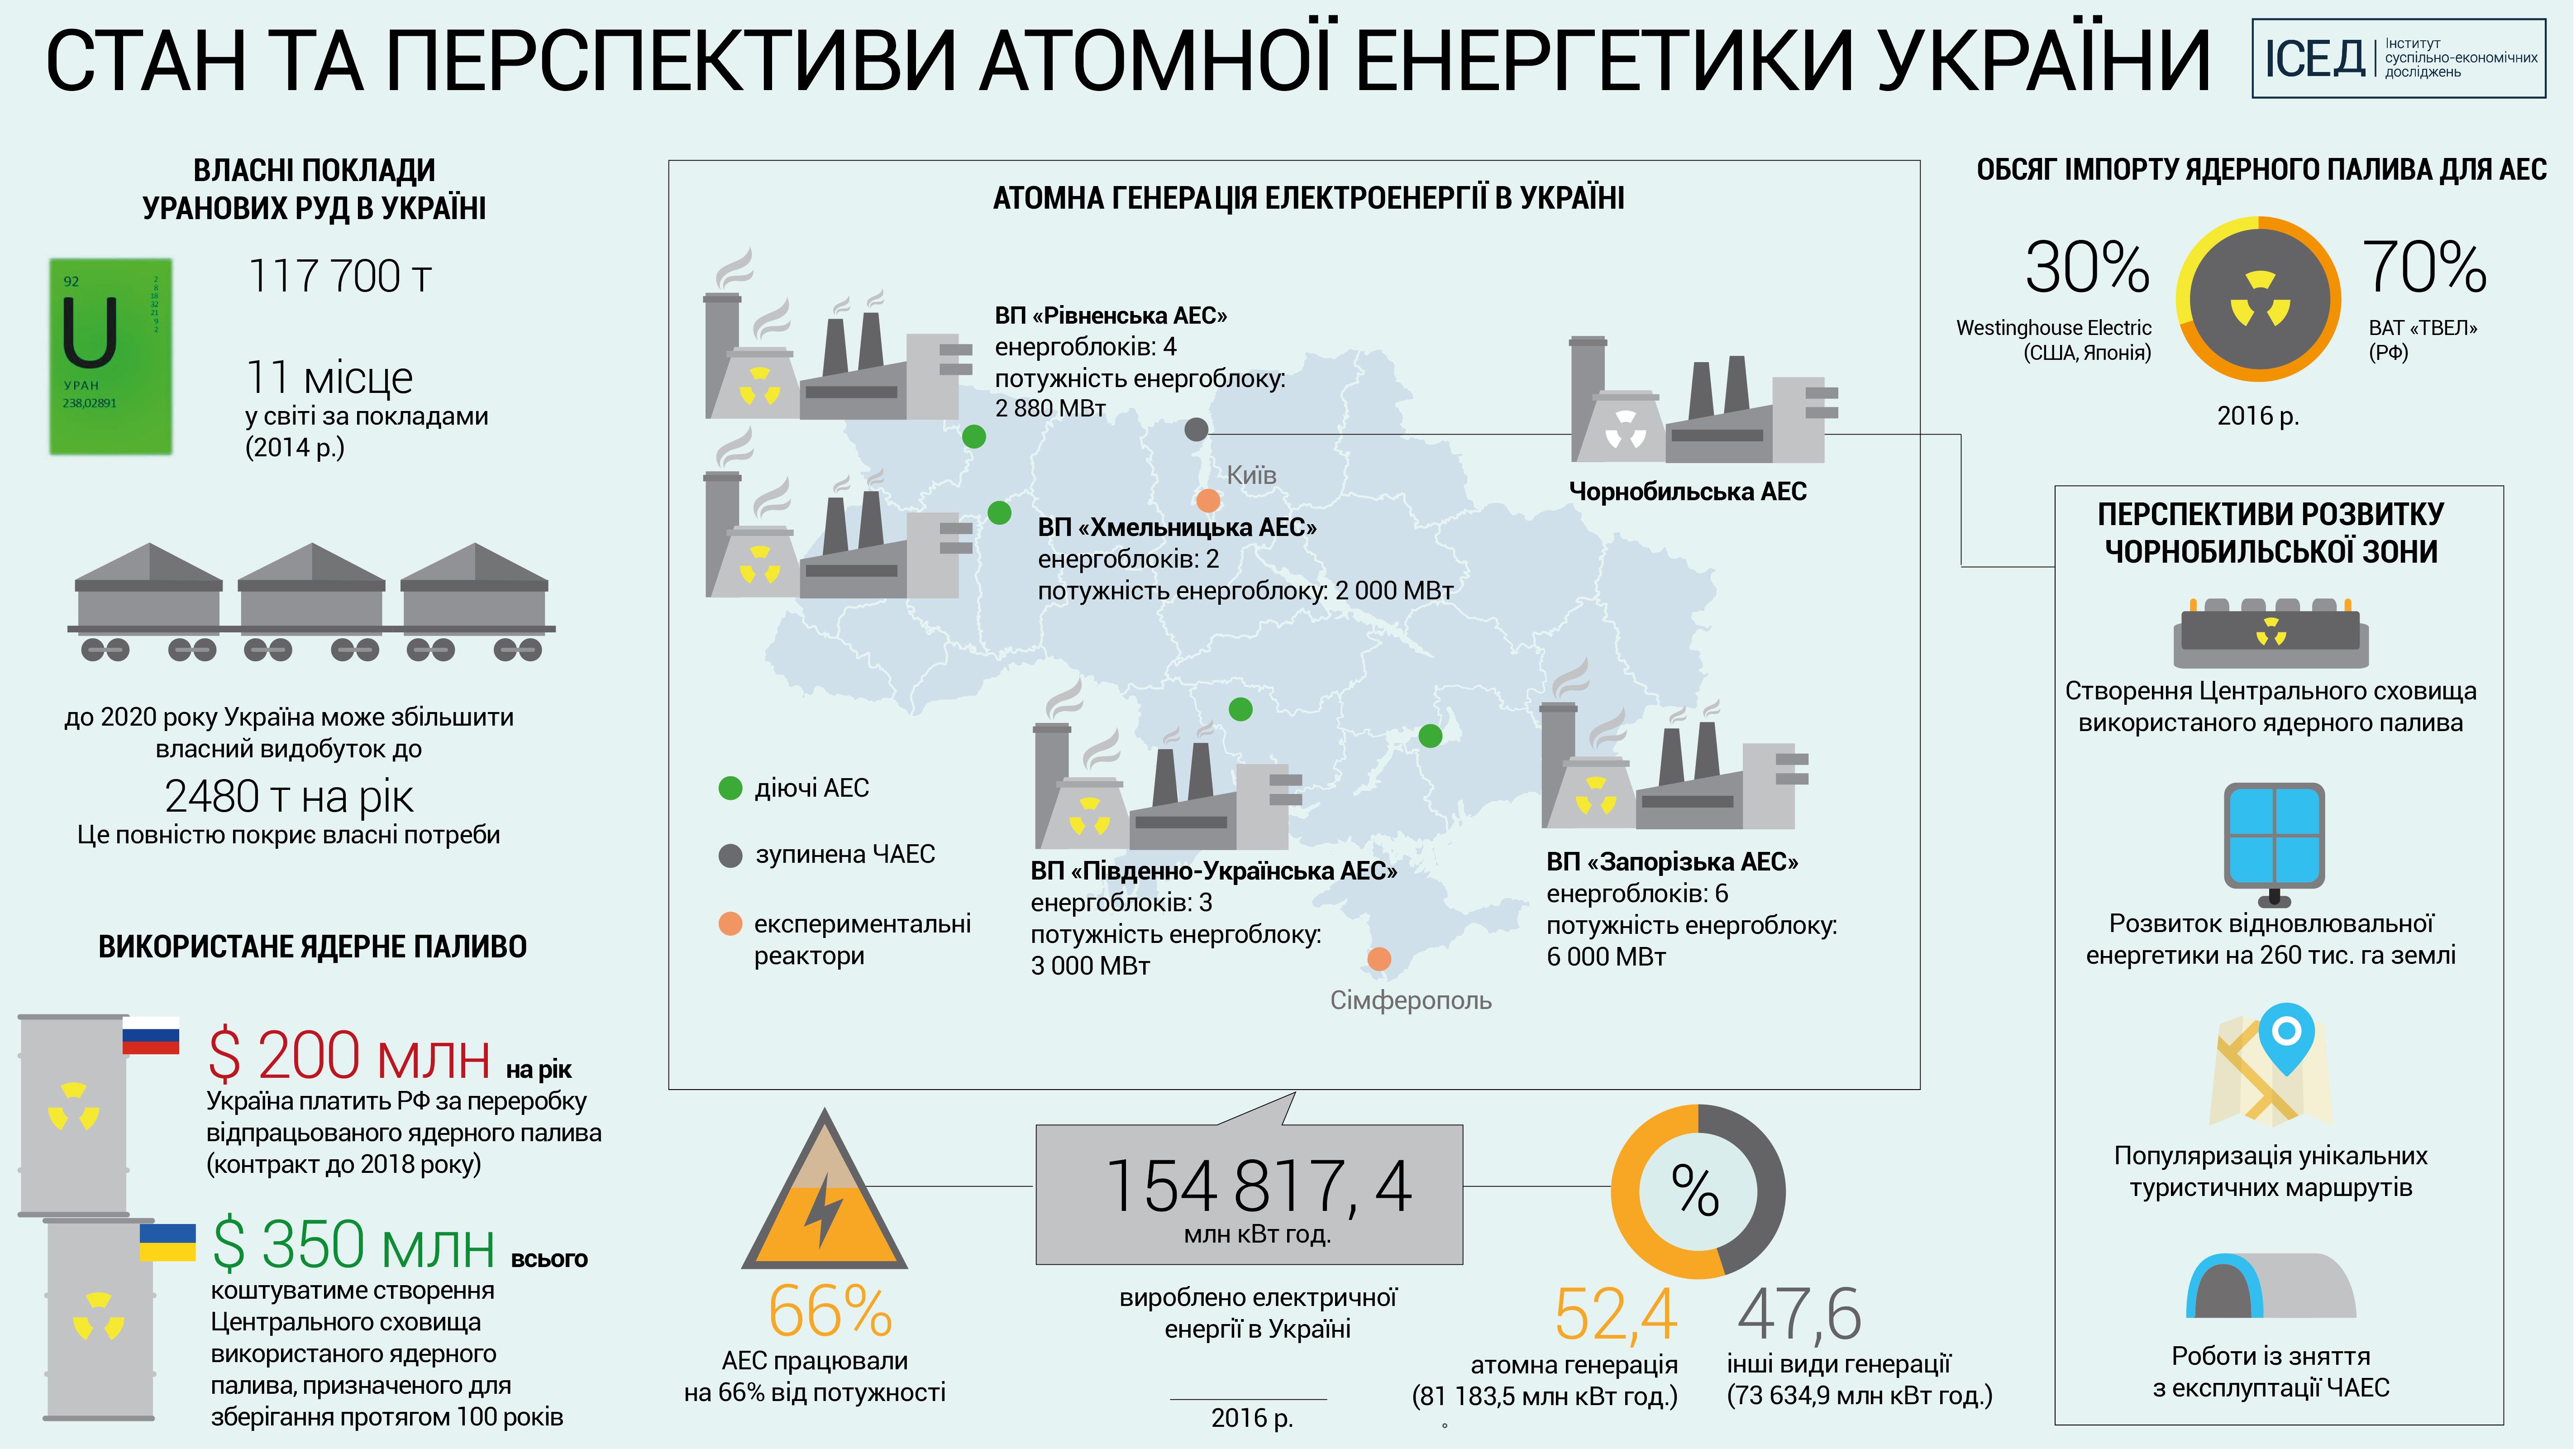 Перспективи розвитку Чорнобильської зони відчуження: ядерна безпека, переробка відходів, відновлювальна енергетика та туризм